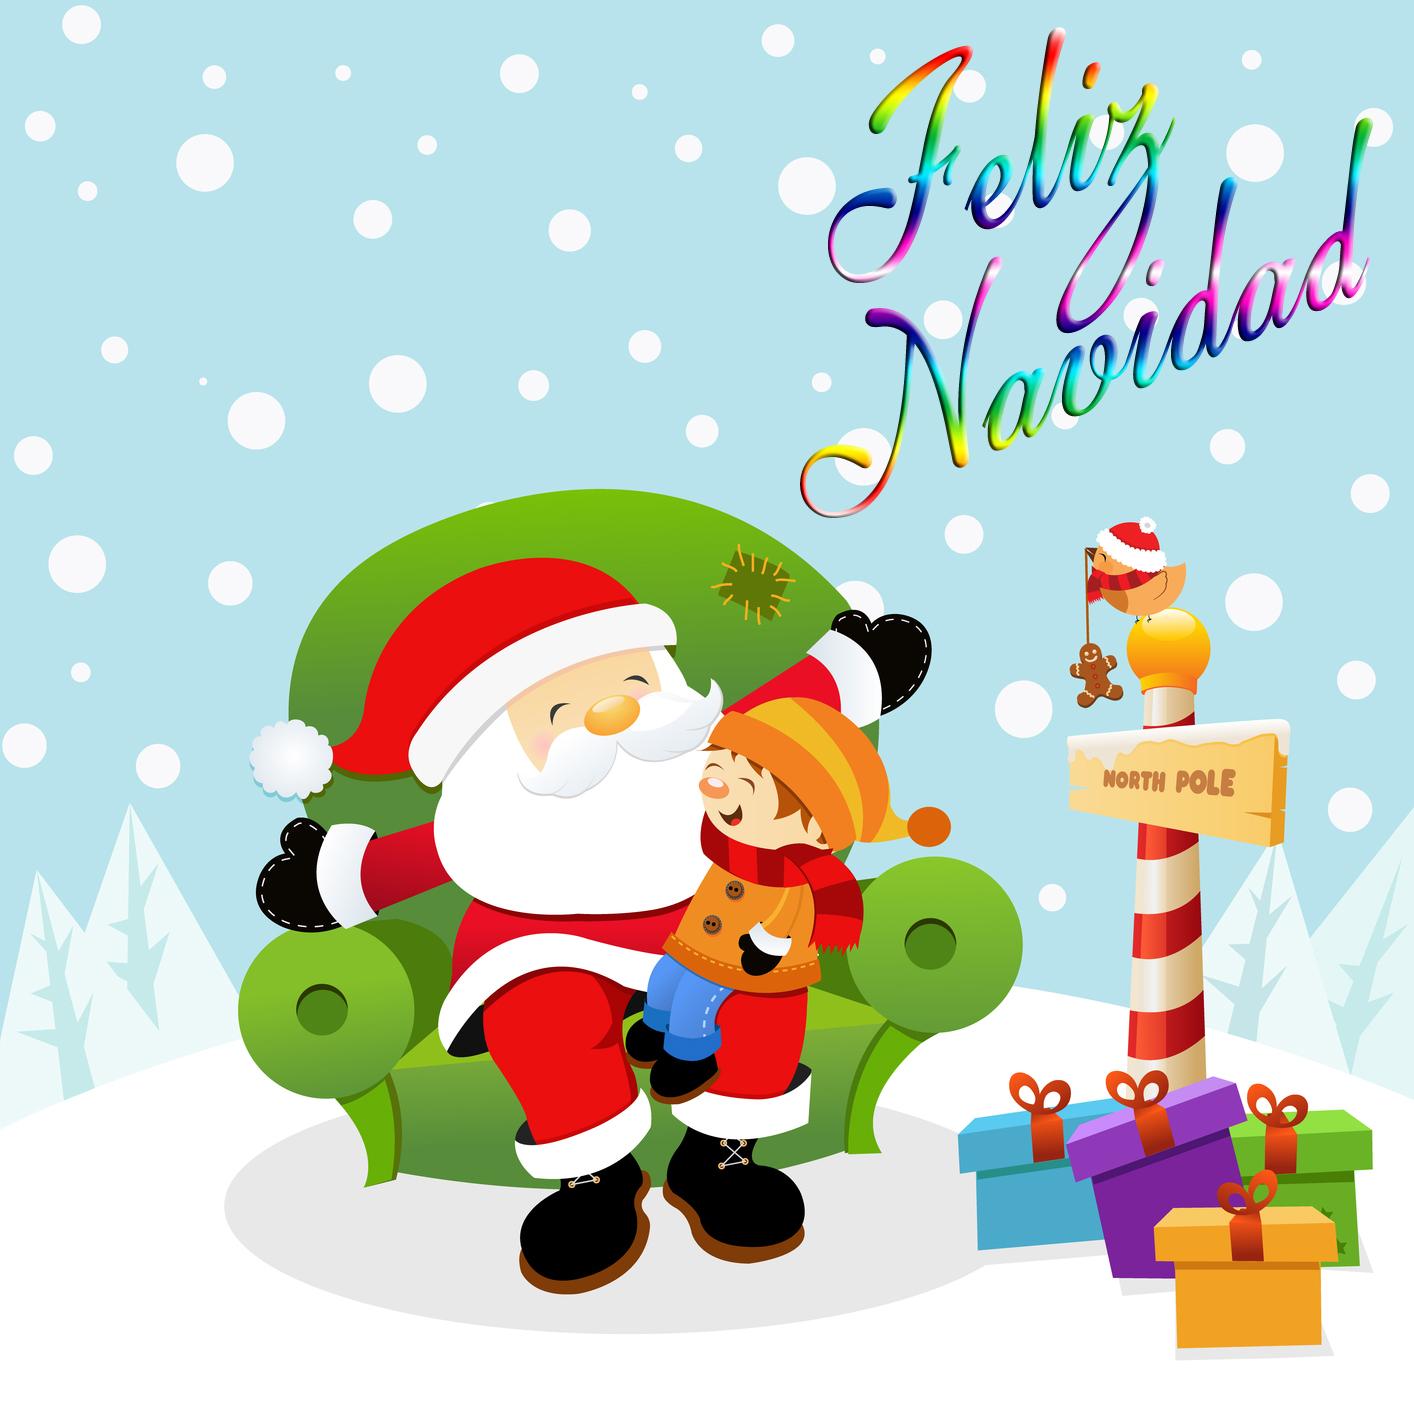 Felicitaciones De Navidad De Disney.Tarjetas De Navidad Tarjetas Navidenas Para Felicitar Las